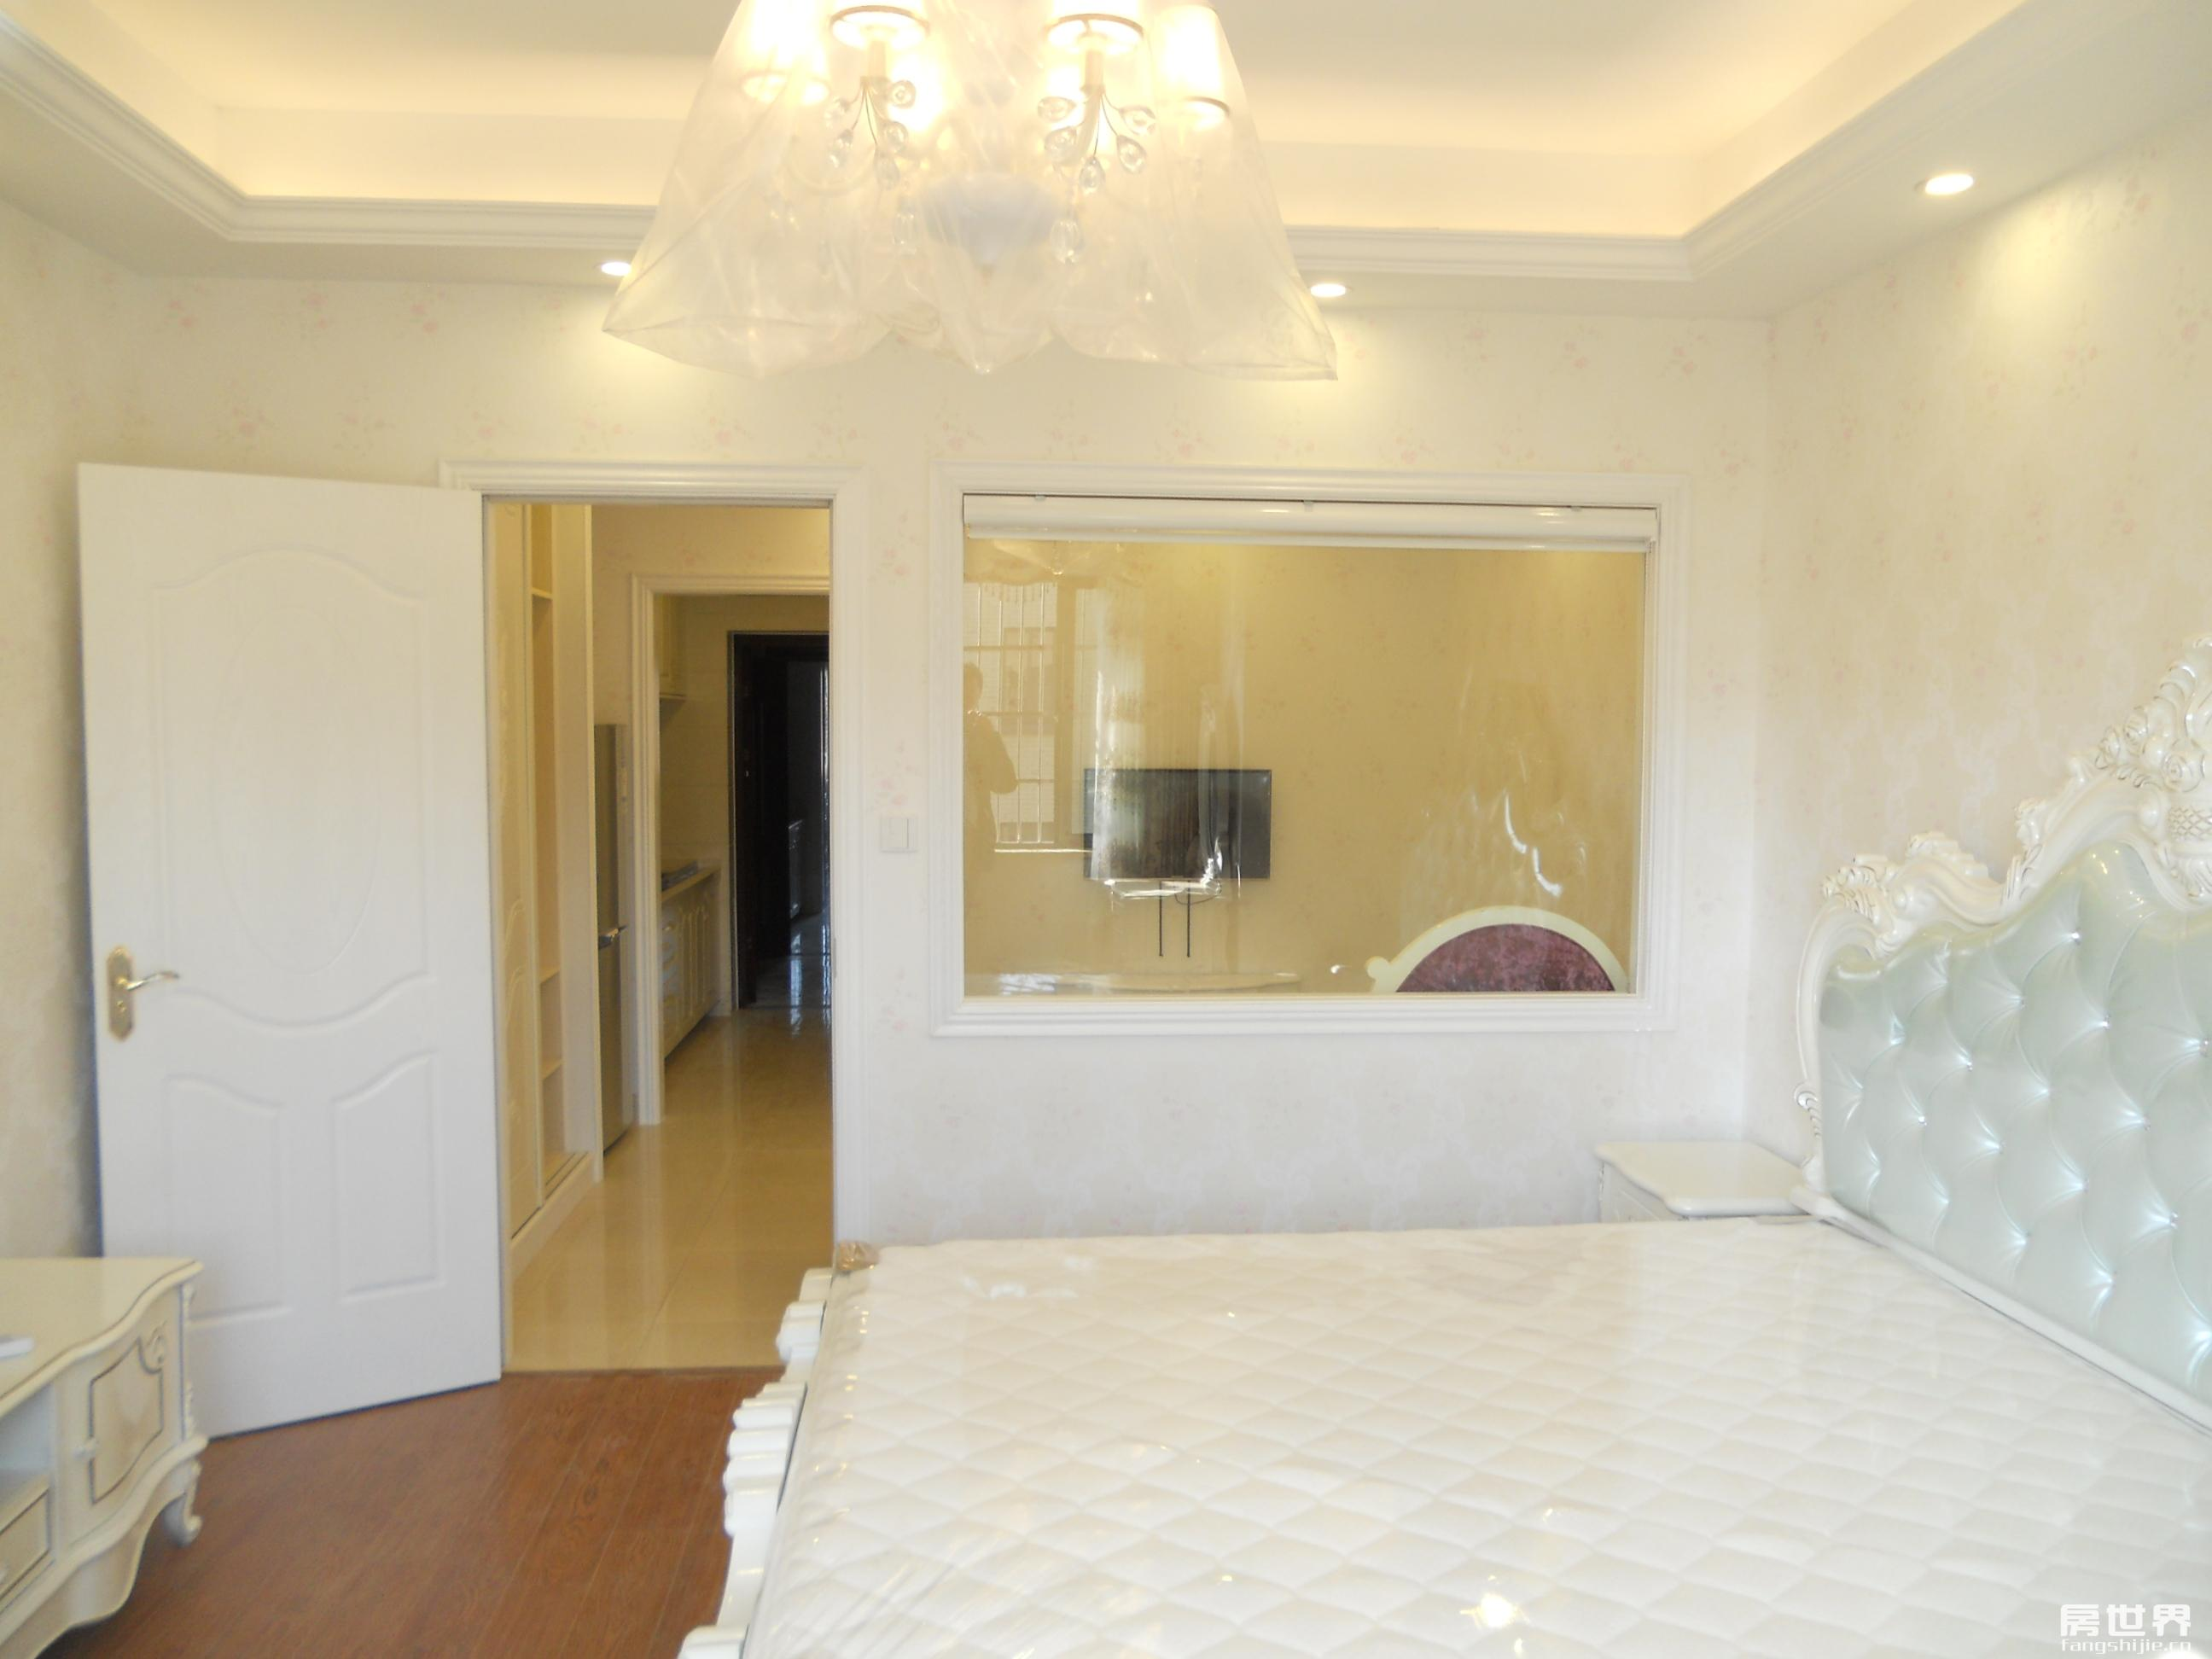 北干**路和市北菜场西萧然公寓豪华装修单身公寓